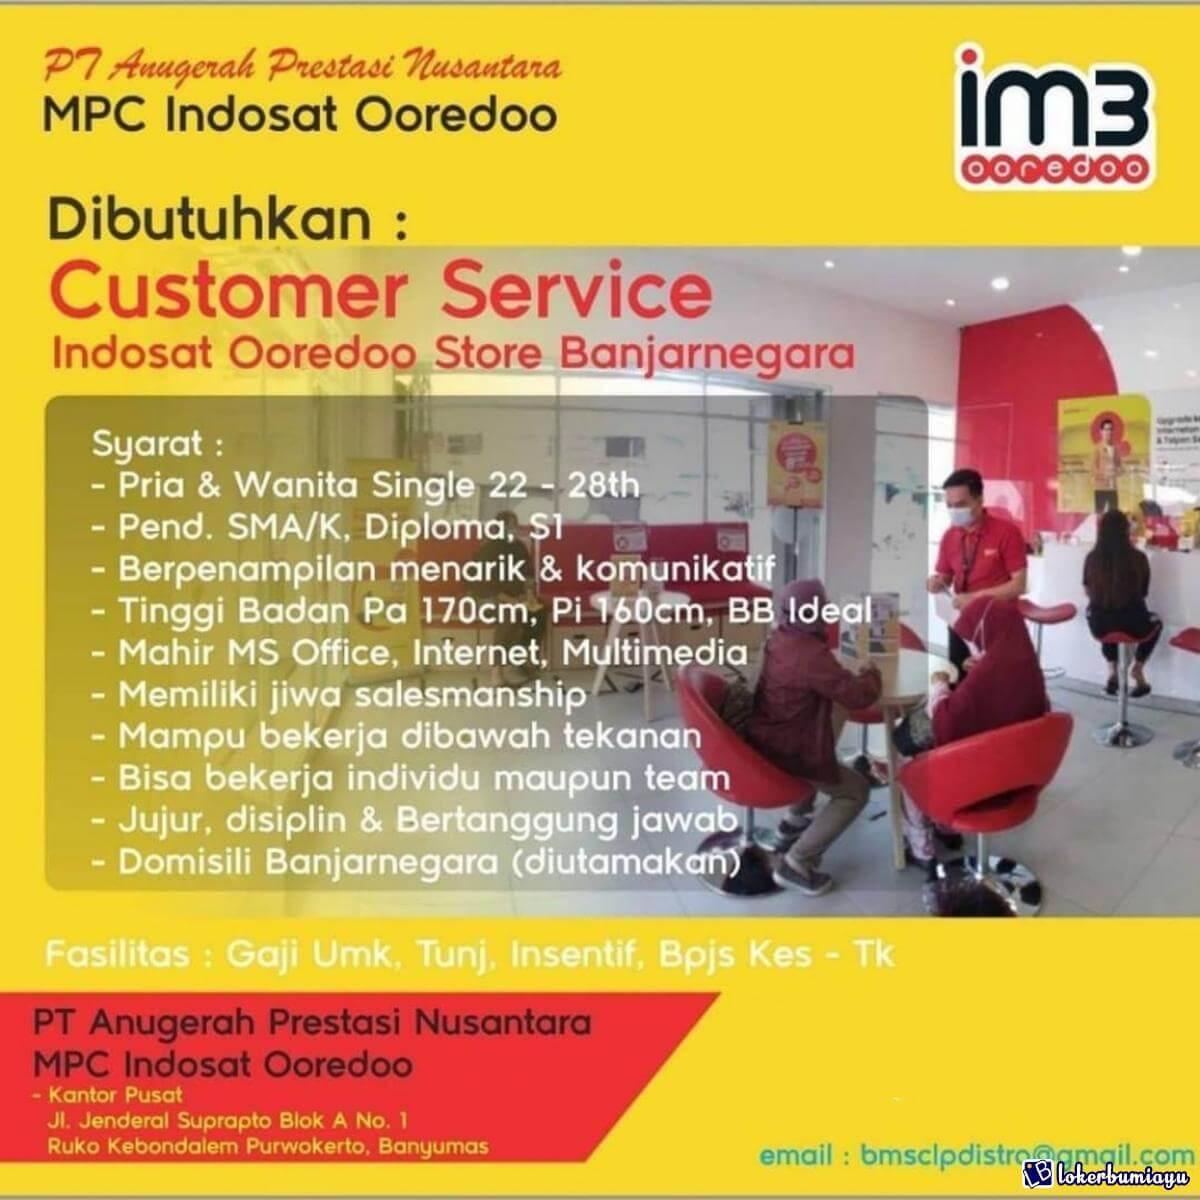 PT Anugerah Prestasi Nusantara Authorized MPC Indosat Ooredoo